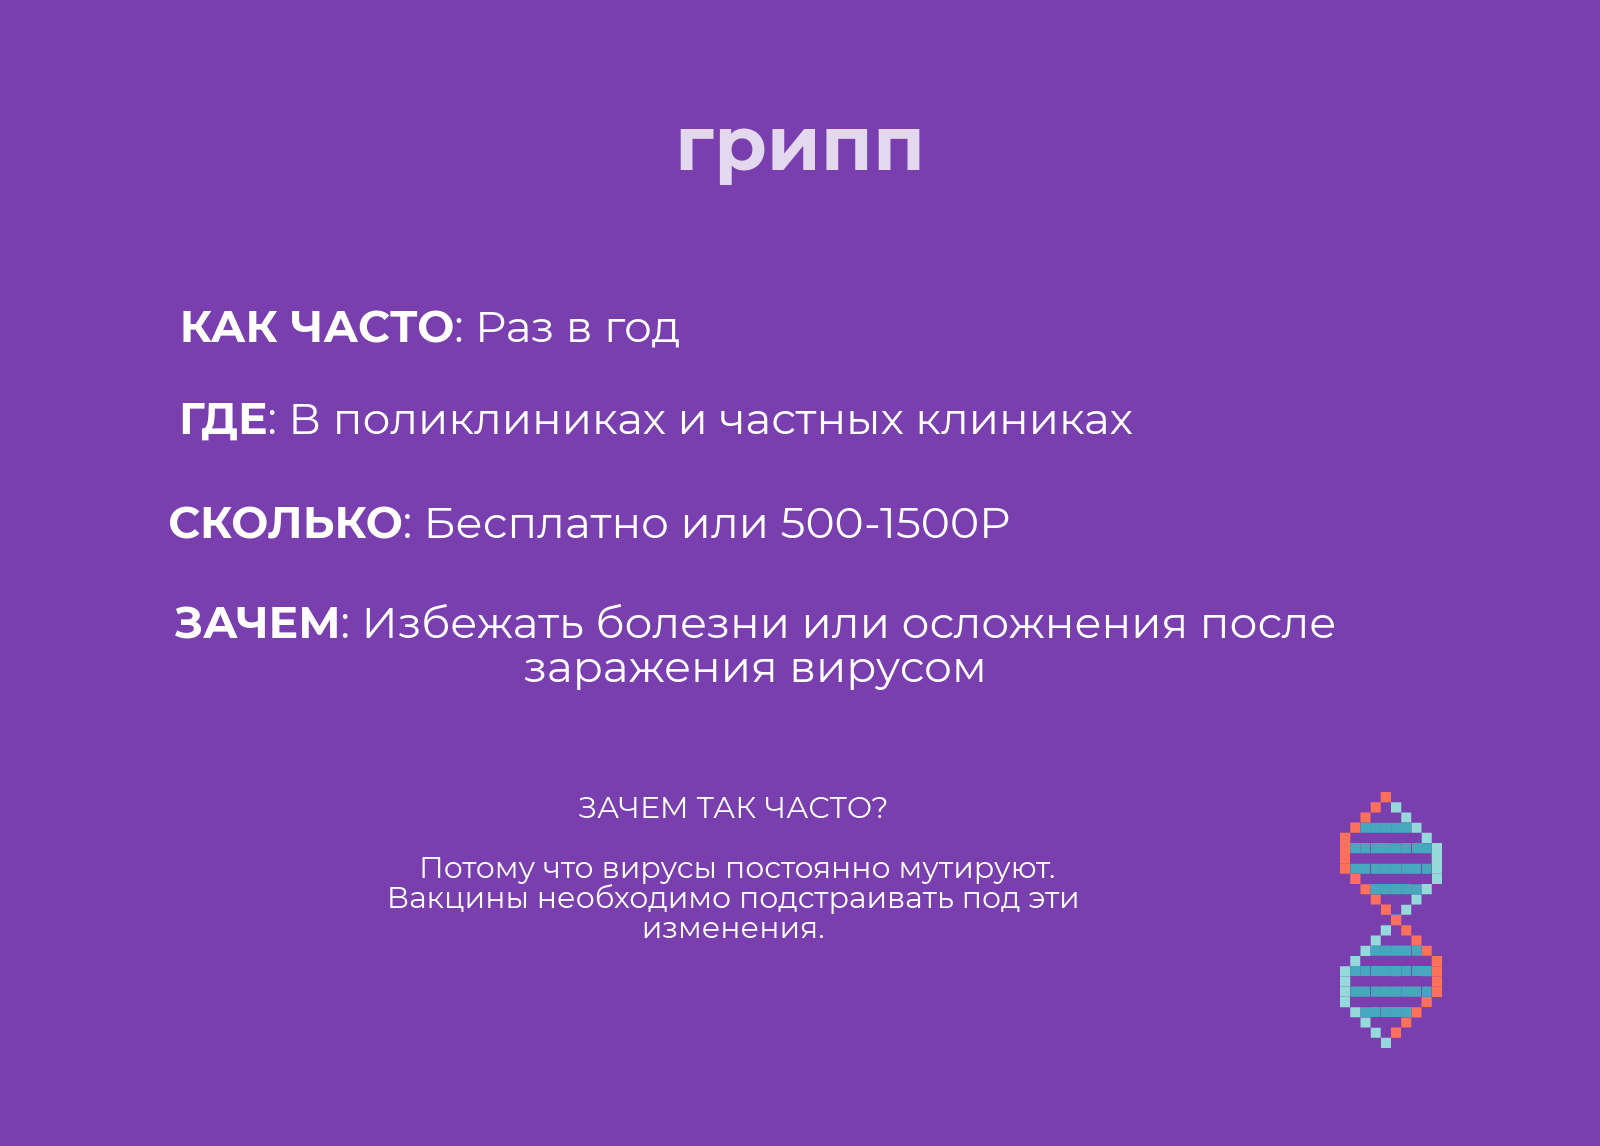 Психологические факторы принятия решения о вакцинации | спж. 2016. № 59. / сибирский психологический журнал (спж)